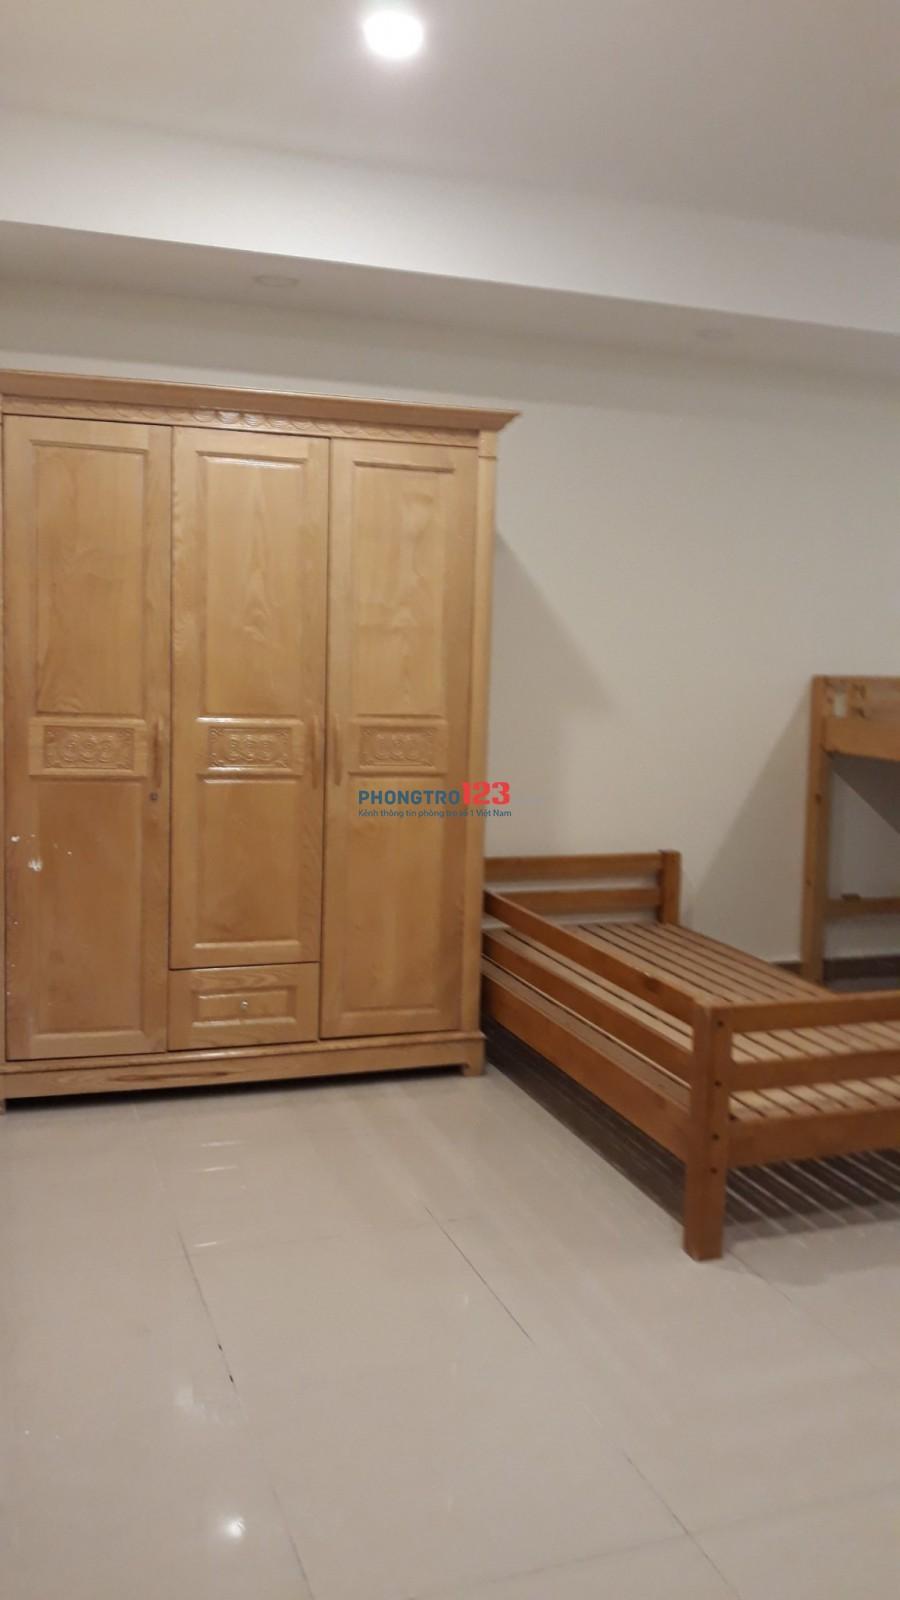 Tìm người ở ghép căn hộ chung cư cao cấp Eratown quận7. 1tr4 ( bao hết chi phí)